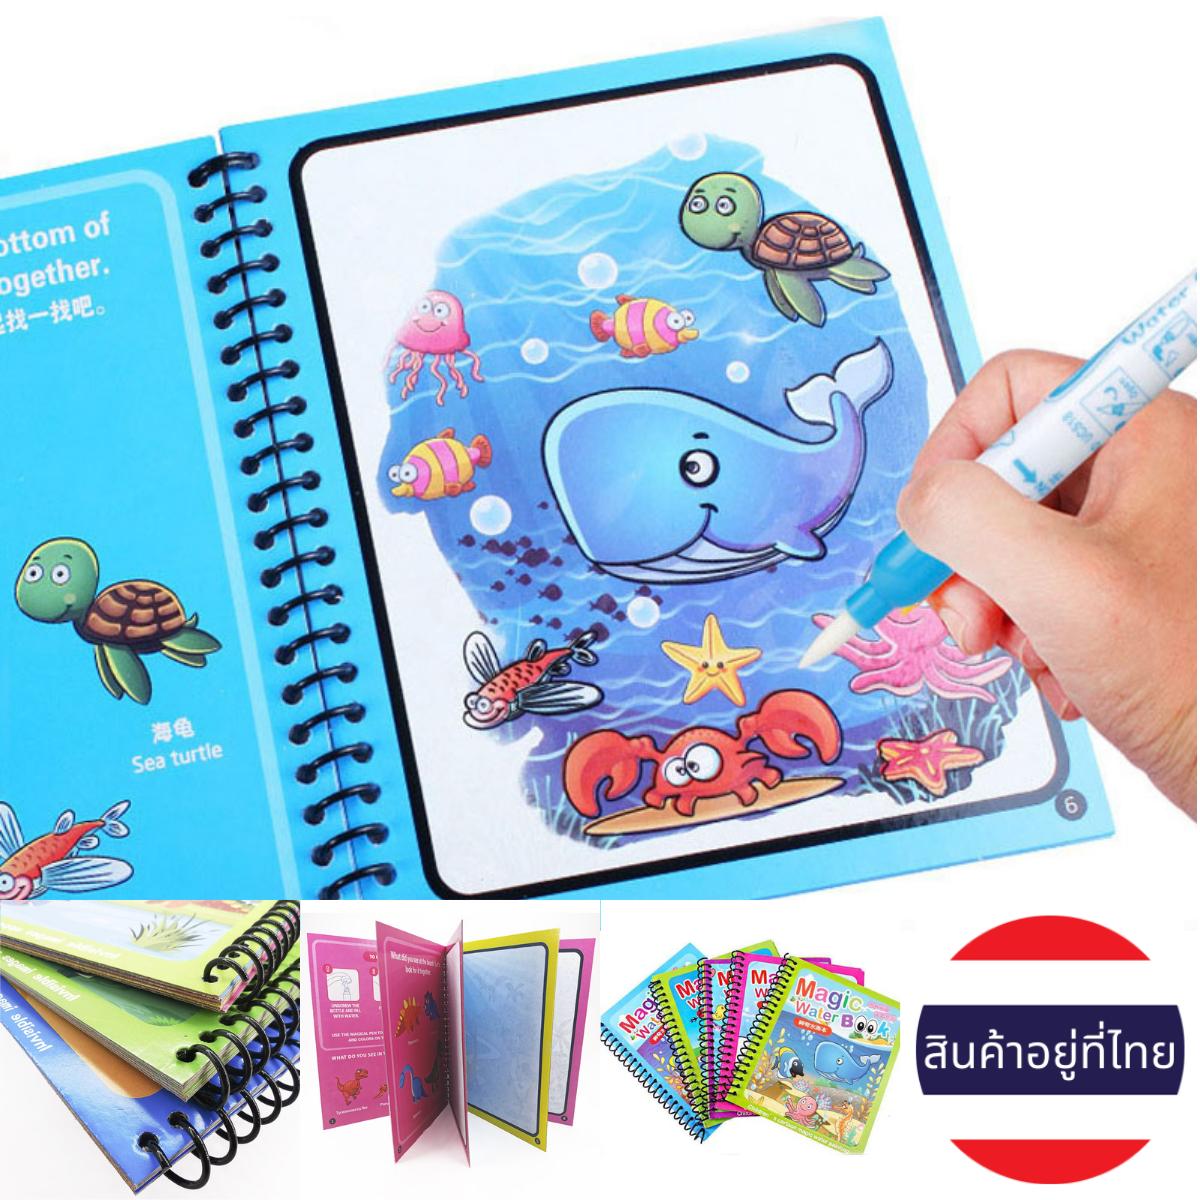 สมุดระบายสี ด้วยน้ำเปล่า ระบายซ้ำได้ Magic Water Coloring Book With Pen Reusable Colouring Book No Paint Needed No Mess.